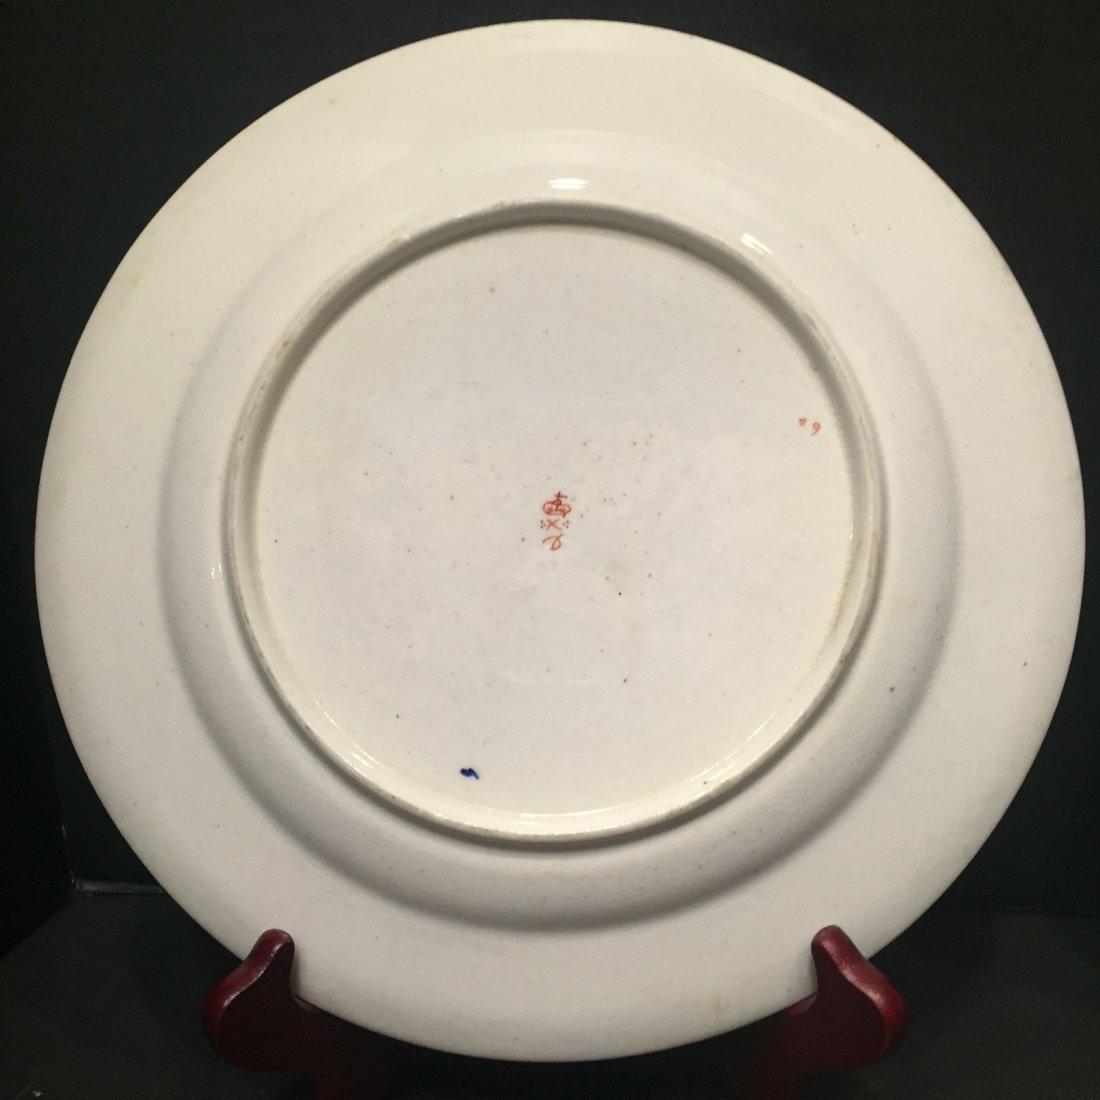 Pair of Royal Crown Derby Dinner Plates in George III - 3